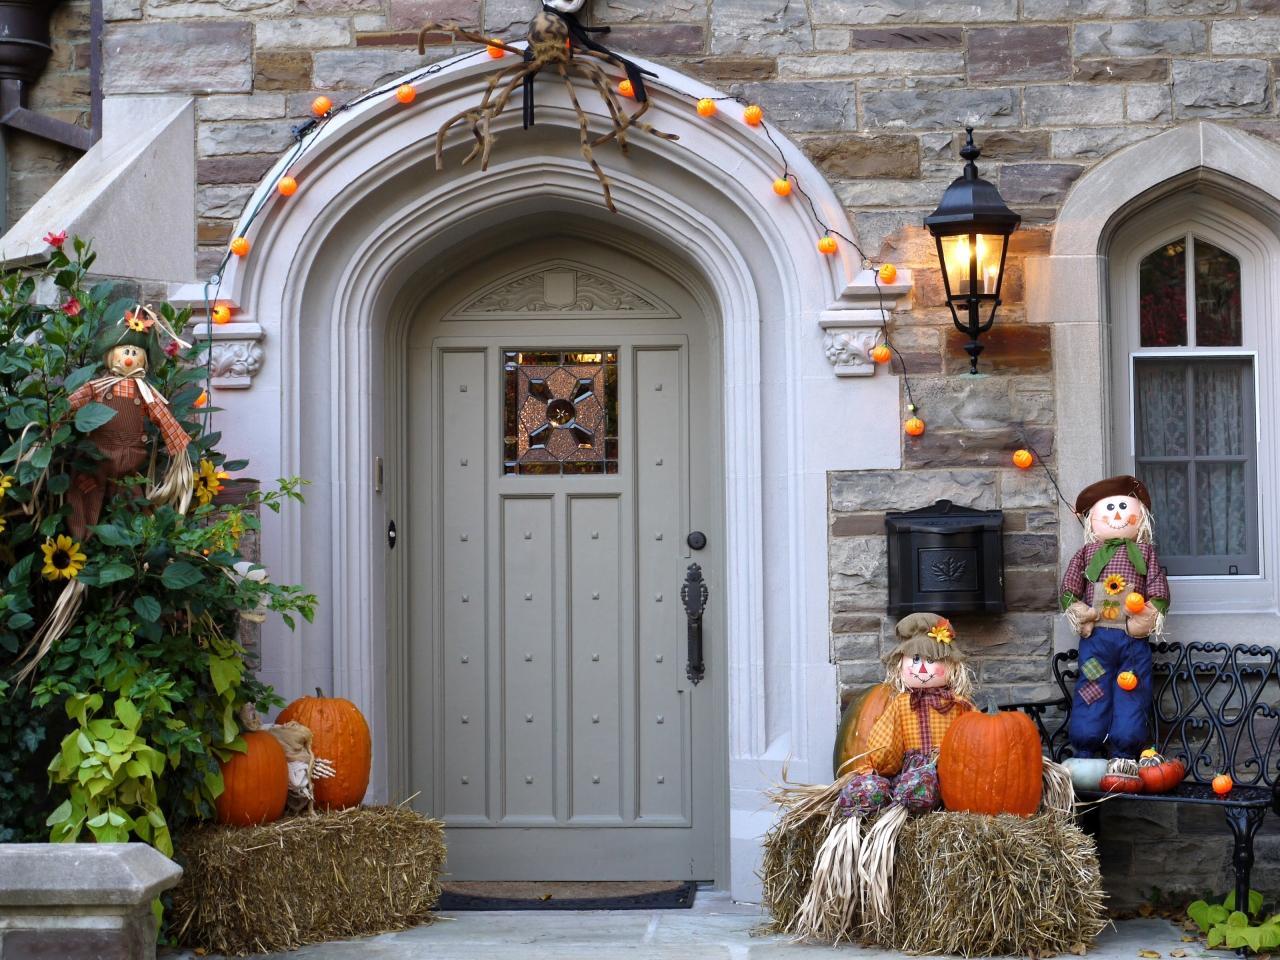 Decoración de casa halloween - 1280x960